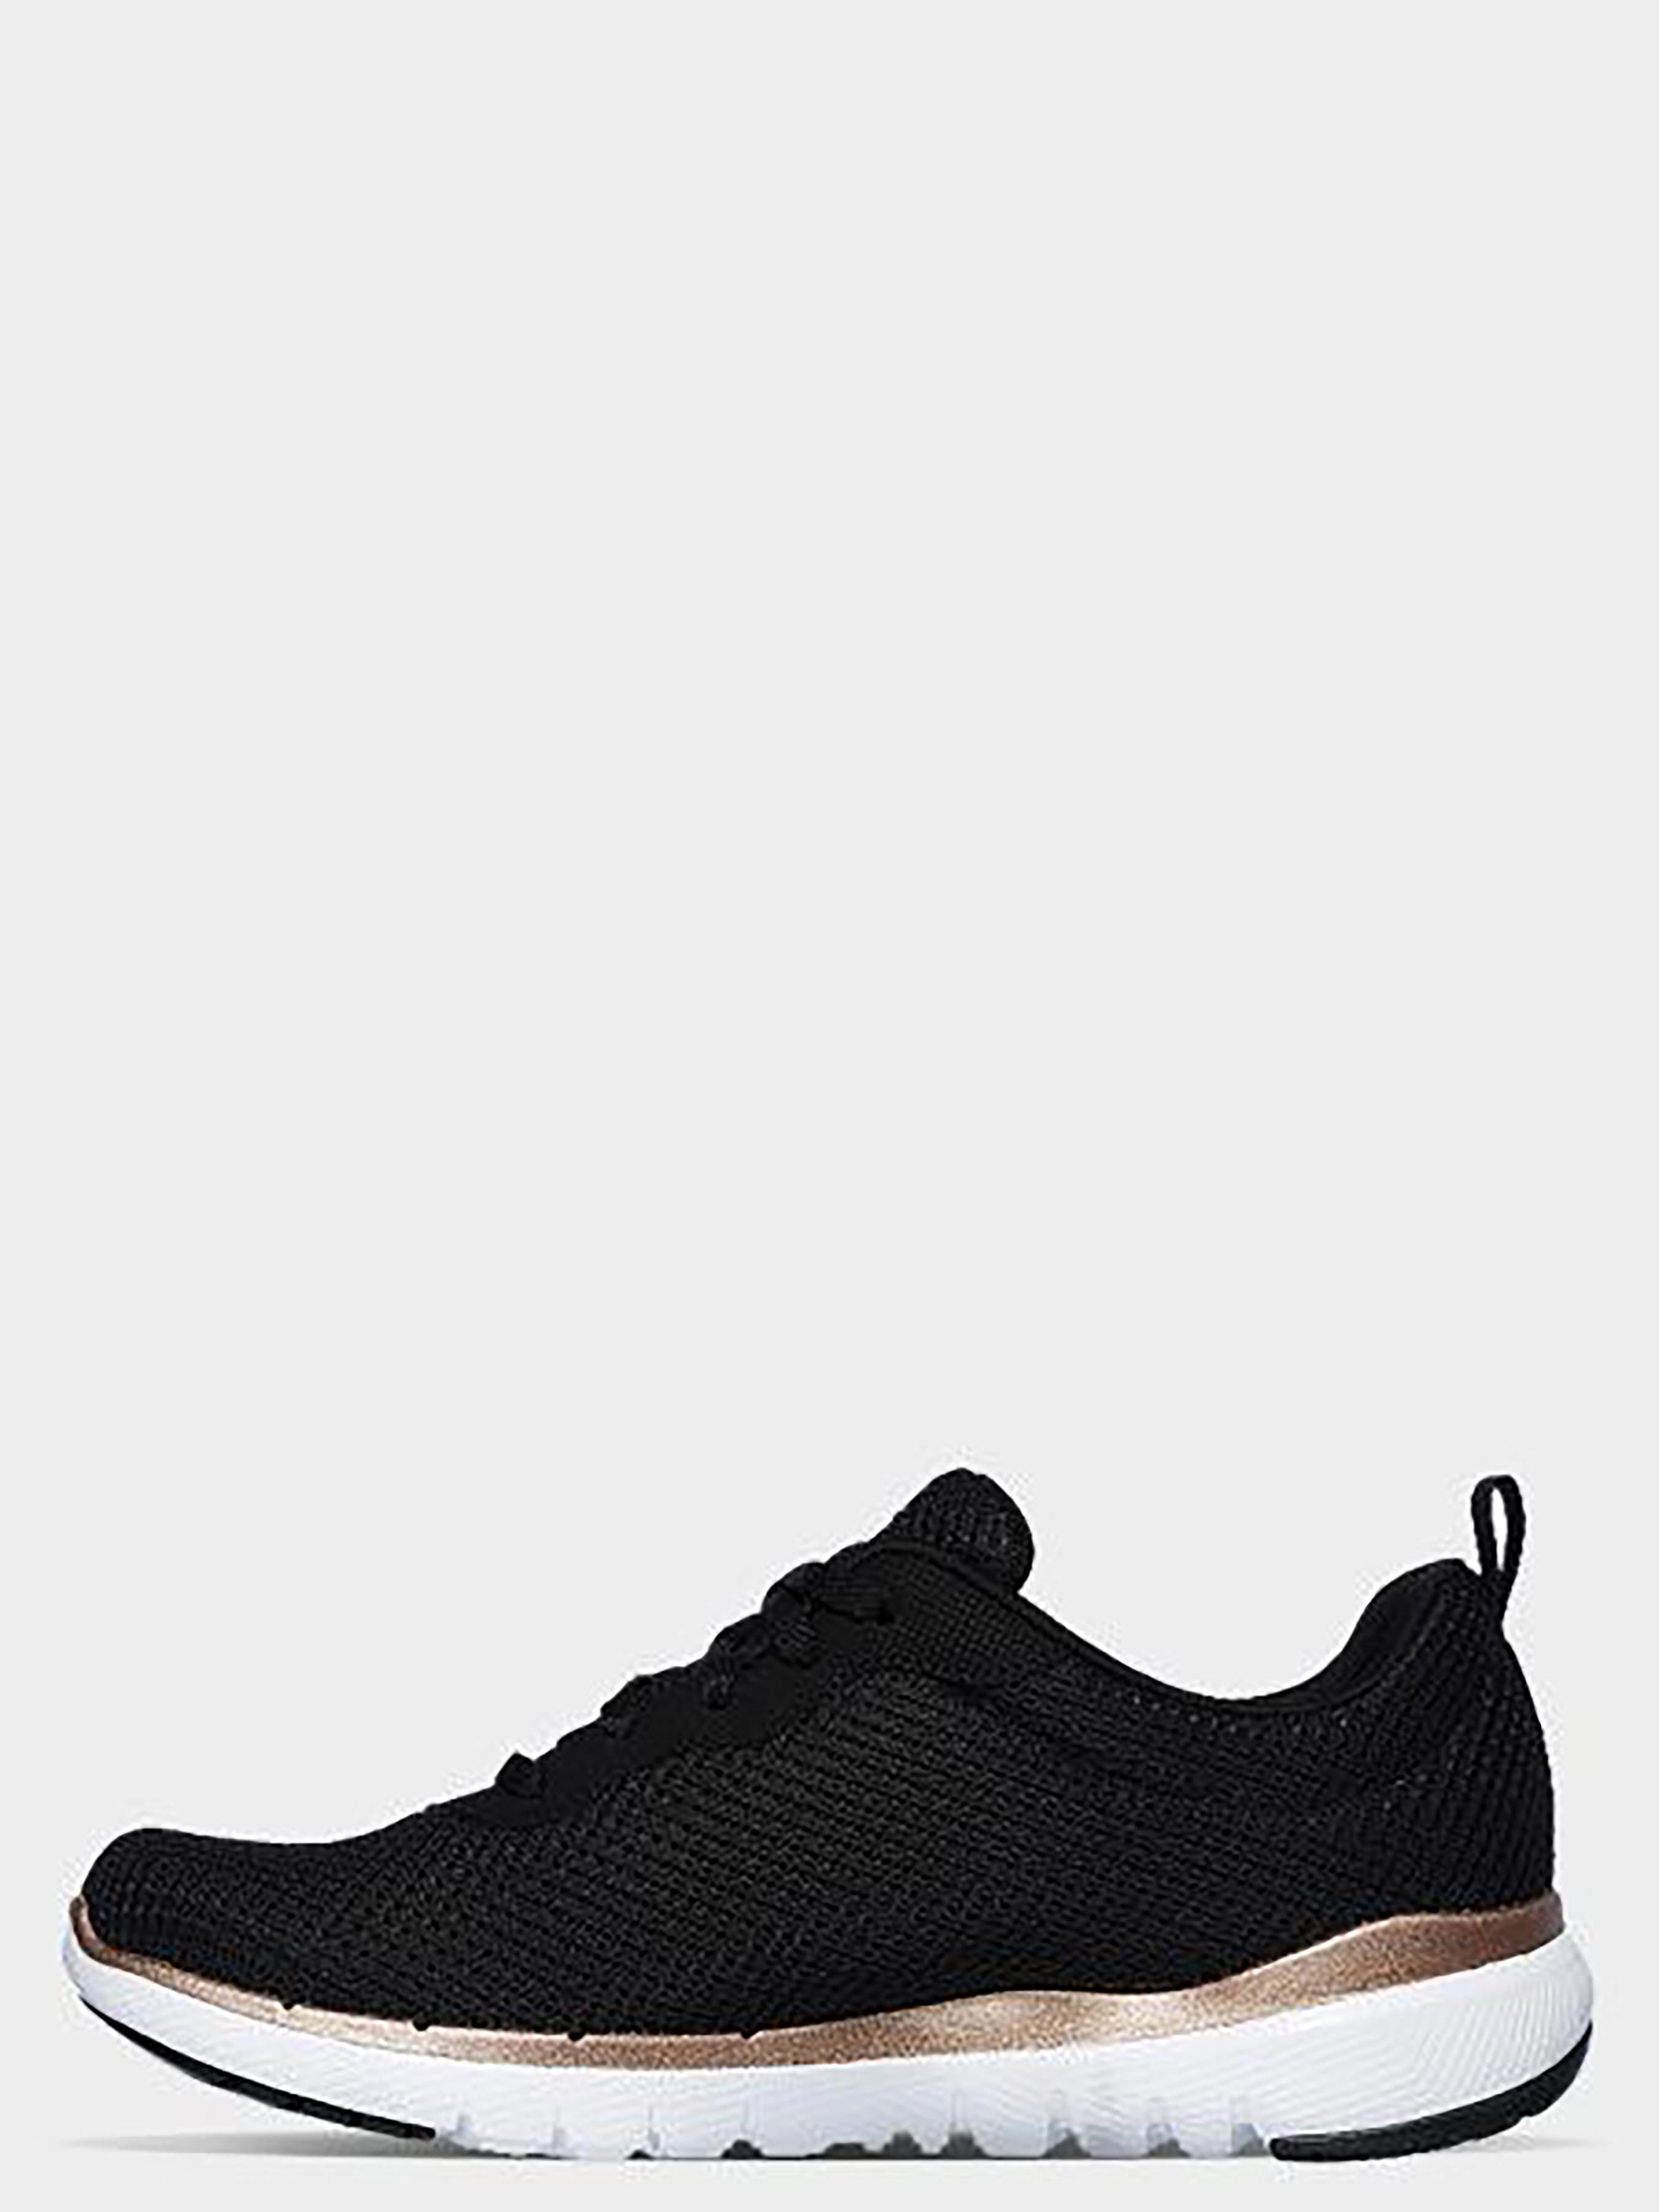 Кроссовки для женщин Skechers KW4735 стоимость, 2017